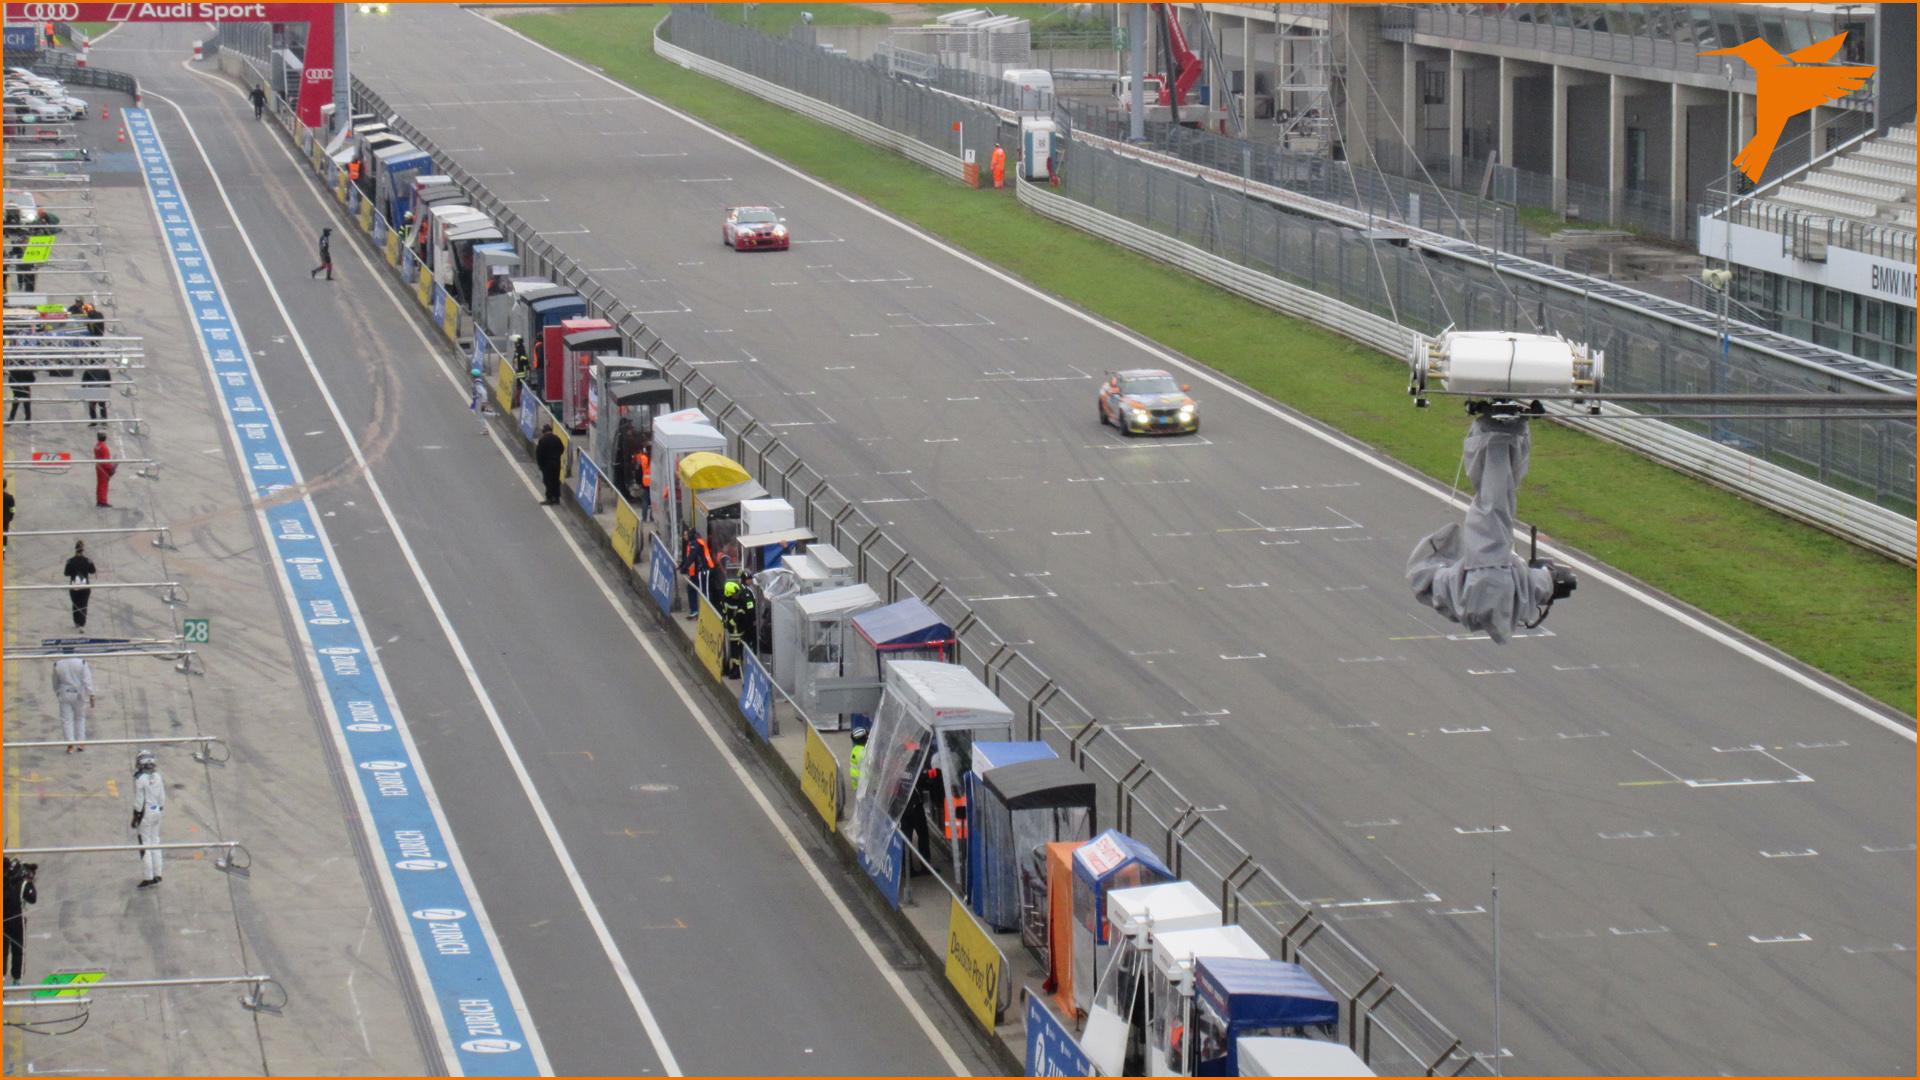 24h, RTL Nitro, Wige, 24h Le Mans, Colibri WireCam, cablecam, wirecam